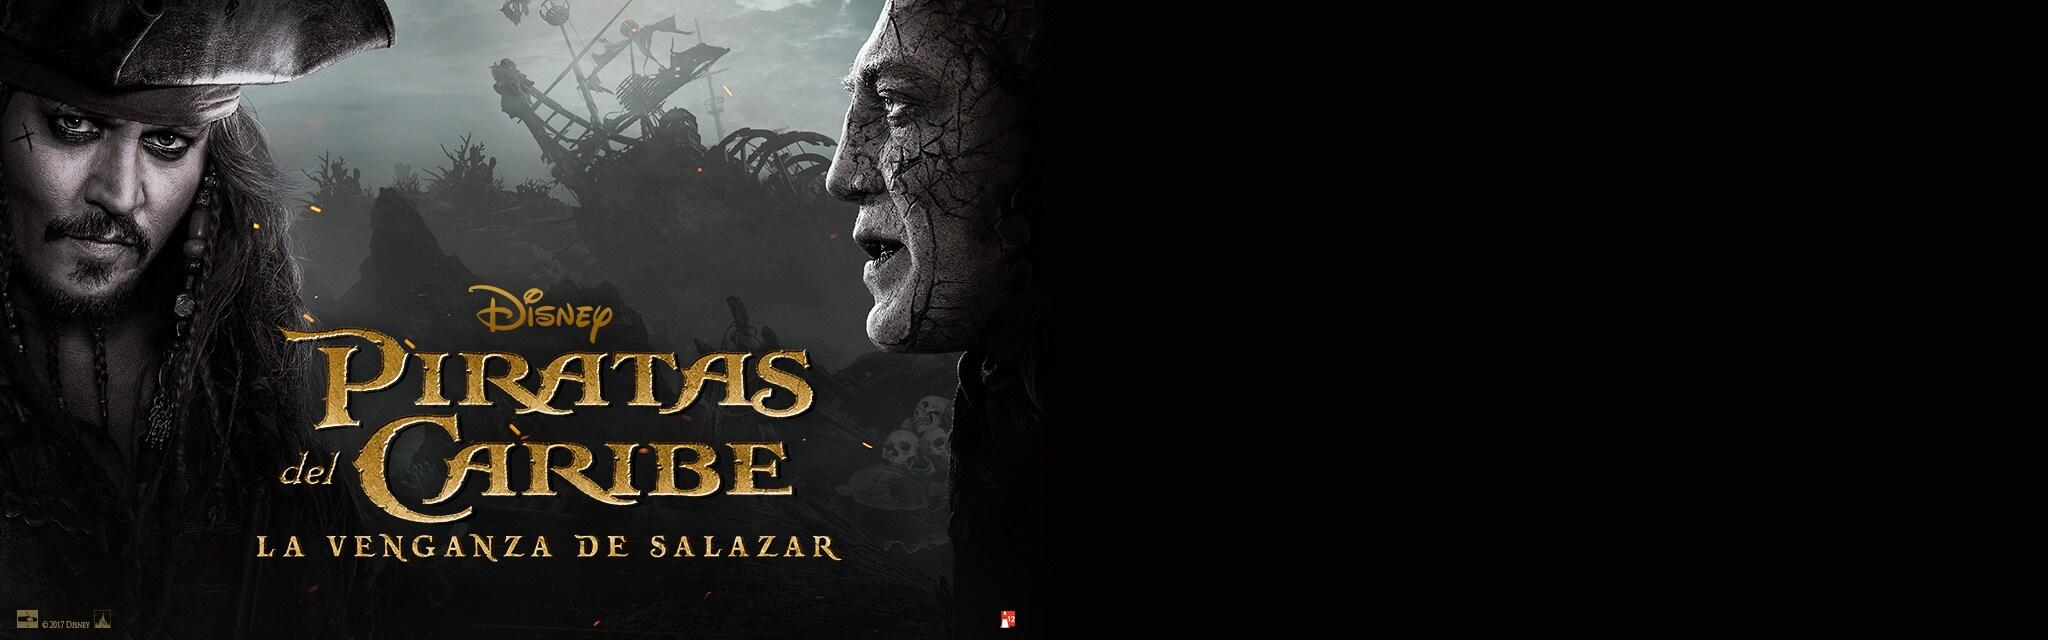 ES - Piratas del caribe 5 - entradas - hero